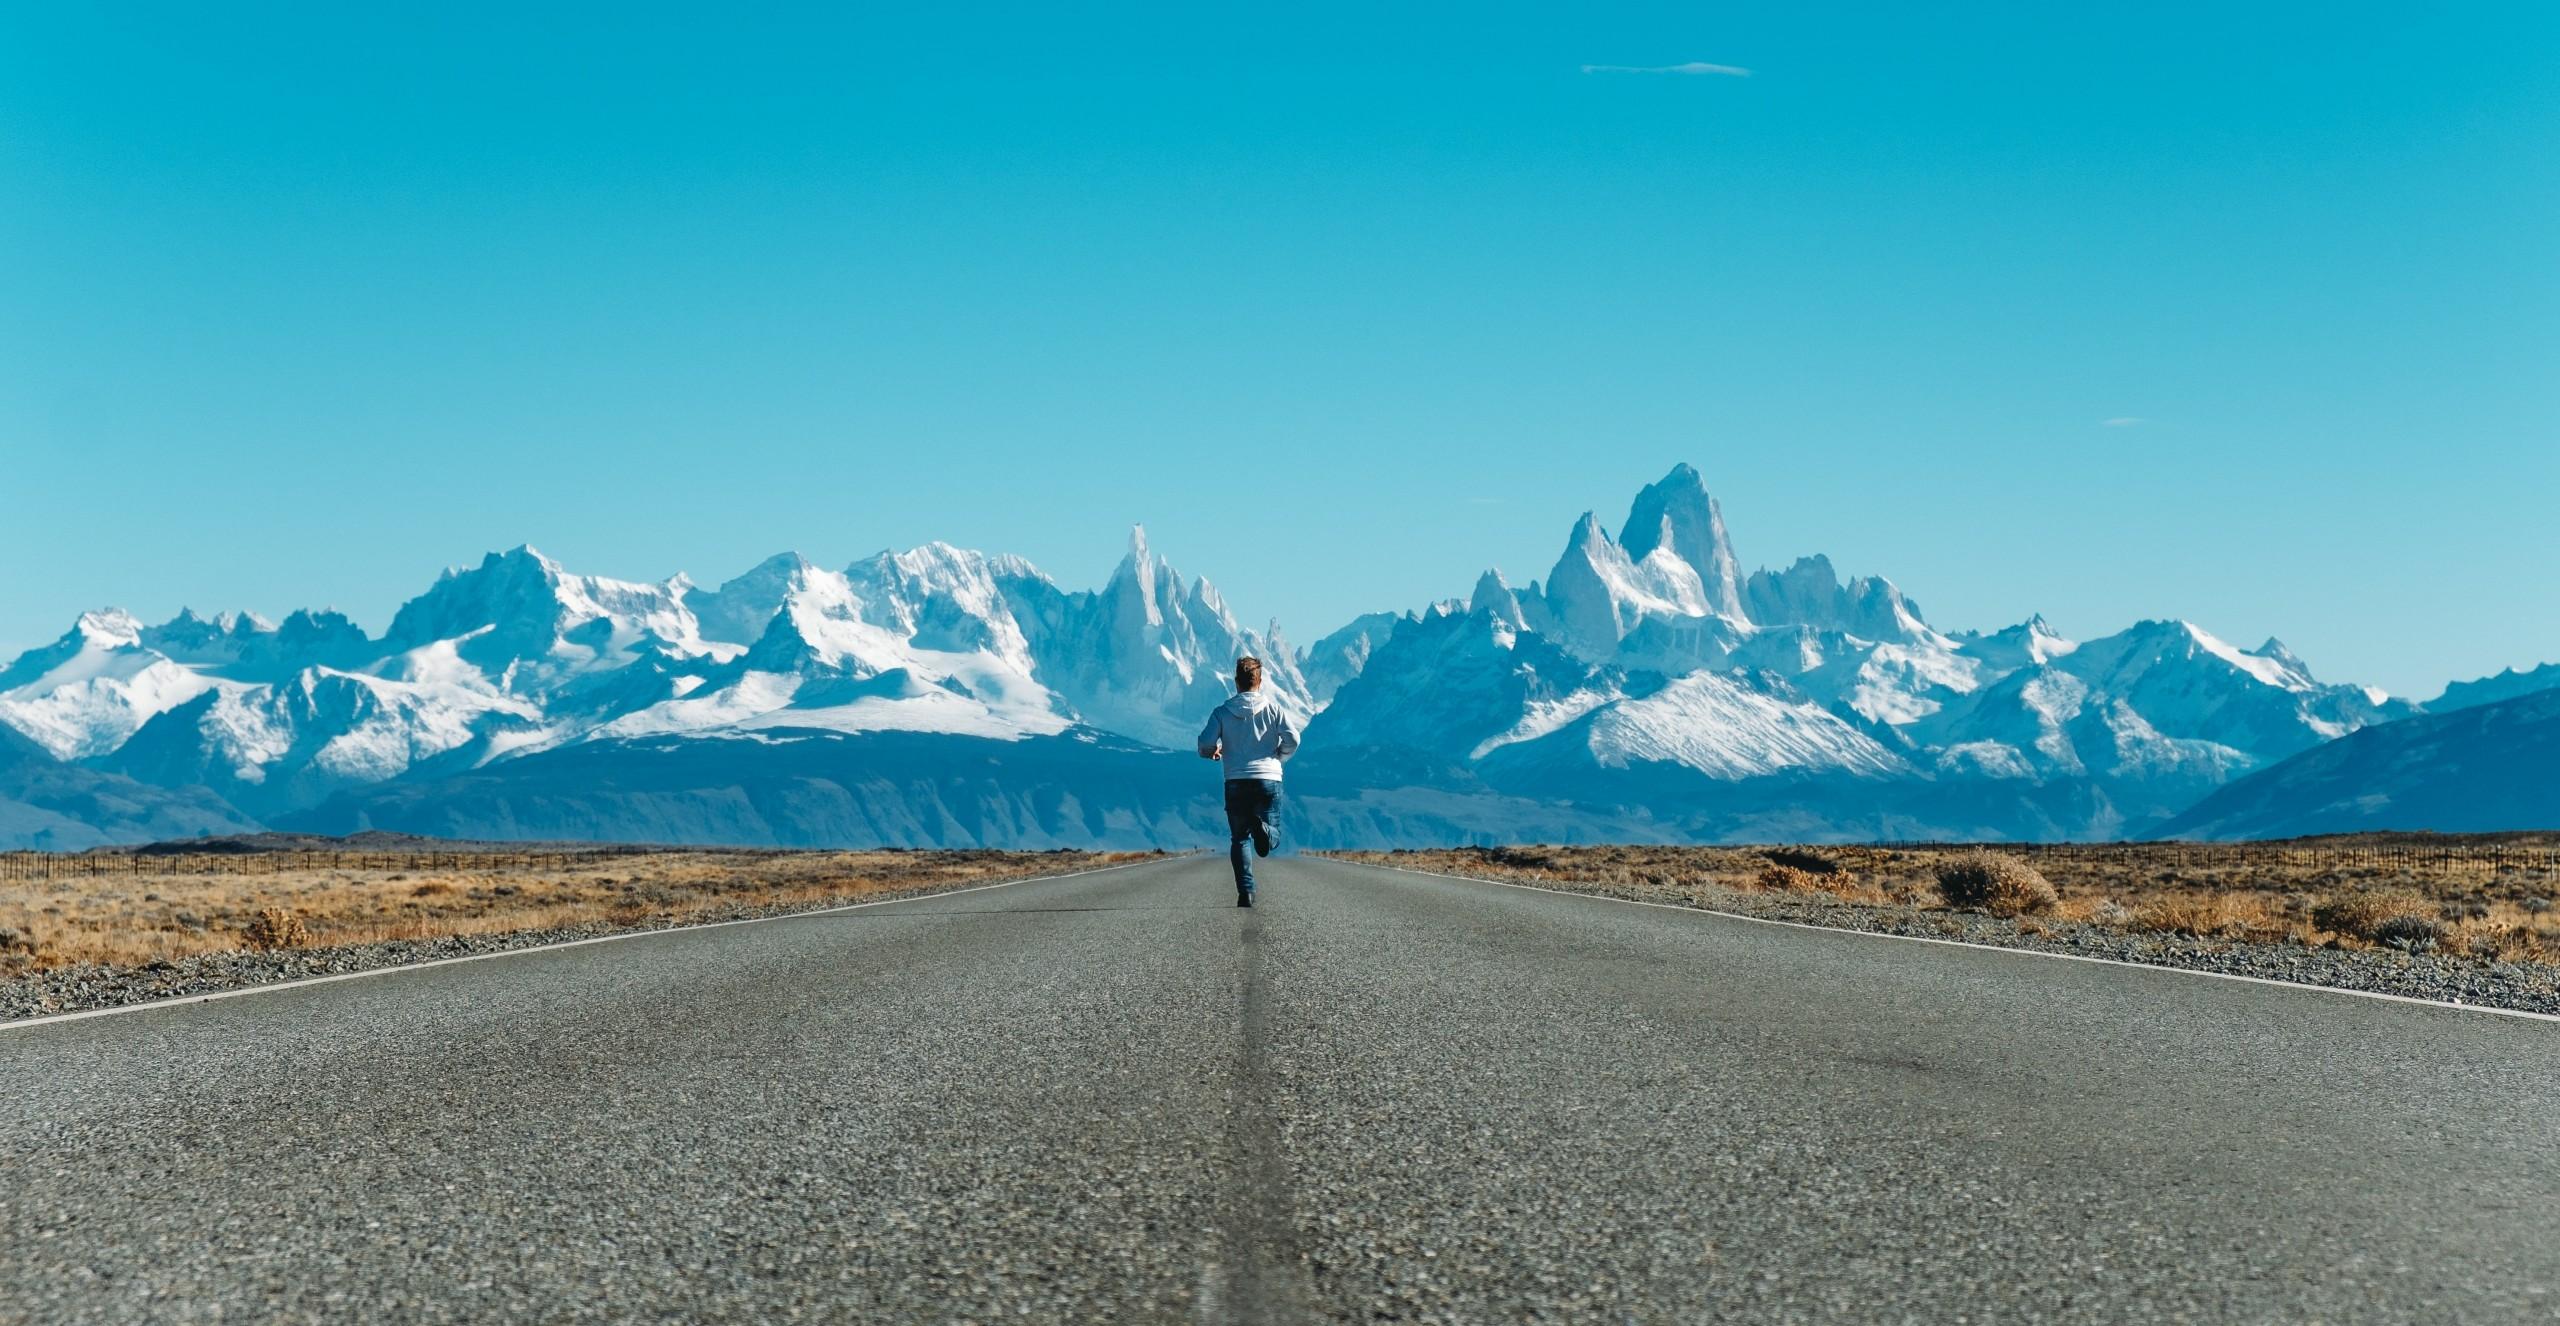 [20.10.30] 30歳からアスリートに!100m10秒台を目指す男の生き方